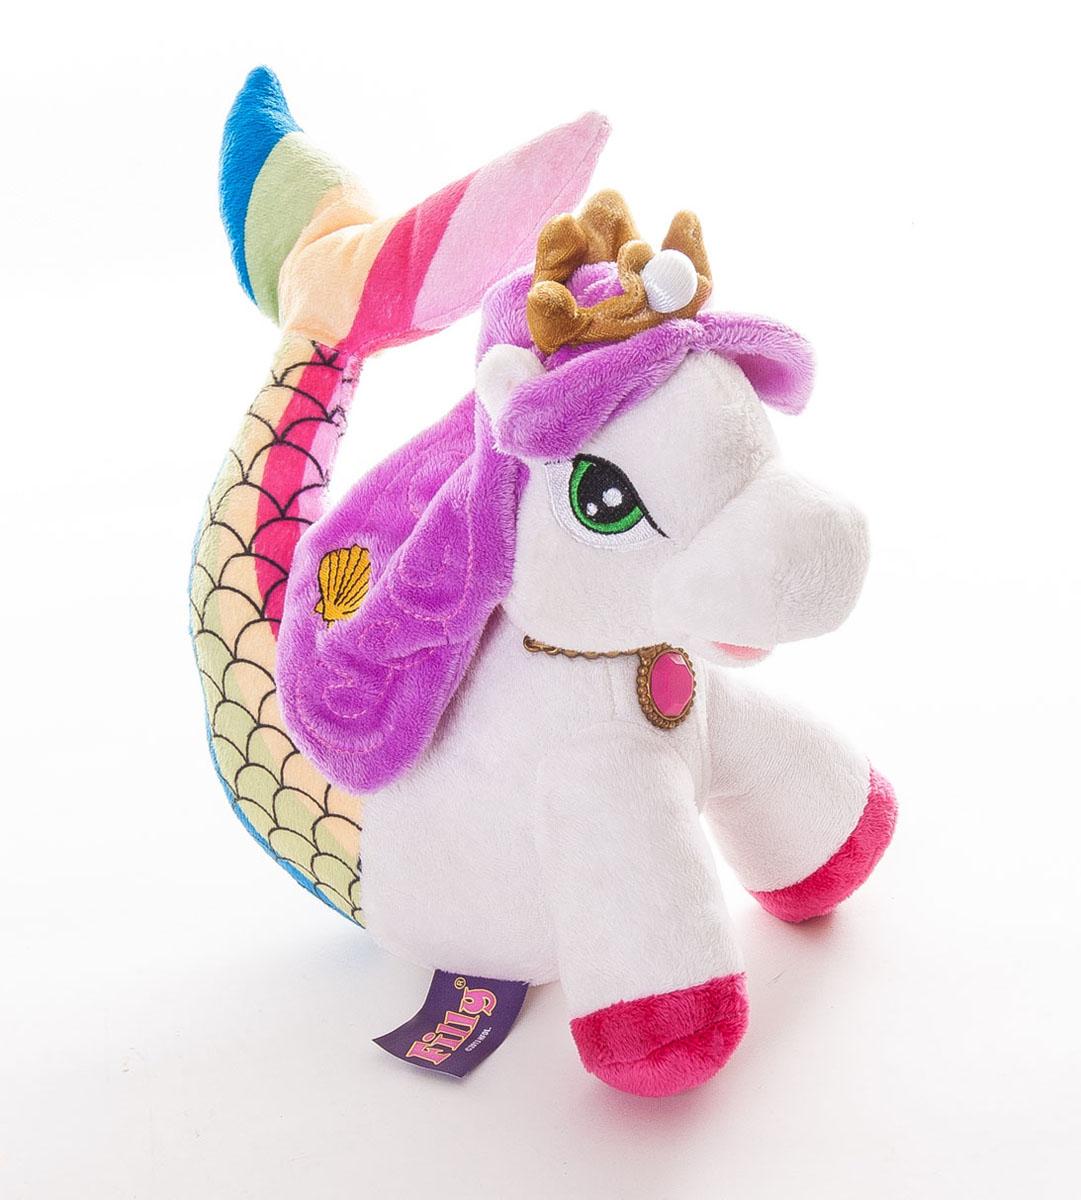 Мягкая игрушка Filly Лошадка русалочка, цвет: белый, сиреневый, 23 см15-11Мягкая игрушка Filly Лошадка русалочка непременно понравится вашей малышке. Она выполнена из приятного на ощупь текстильного материала в виде лошадки-русалки. У сказочной лошадки вместо задних ног имеется длинный хвост русалки, выполненный в ярких цветах. На голове у лошадки мягкая корона с жемчужиной, а на шее розовый медальон. Лапки лошадки наполнены пластиковыми гранулами, которые способствуют развитию мелкой моторики рук малыша. Такая игрушка станет замечательным подарком, как ребенку, так и взрослому, и украсит любой интерьер. Великолепное качество исполнения делают эту игрушку чудесным подарком к любому празднику.